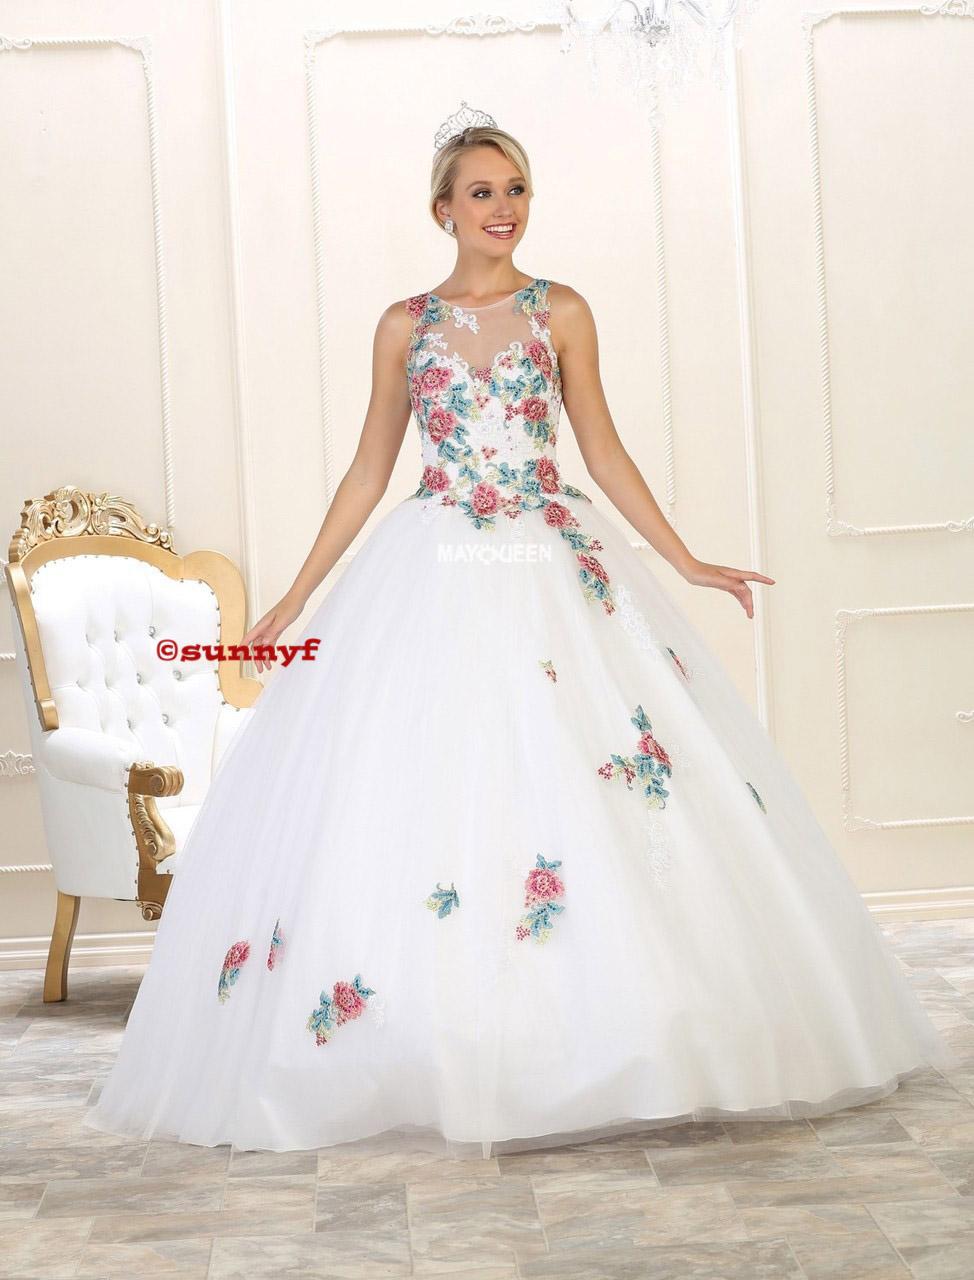 Hayden romantisches Brautkleid mit farbiger Blütenstickerei Schnürung auch  in grossen Grössen